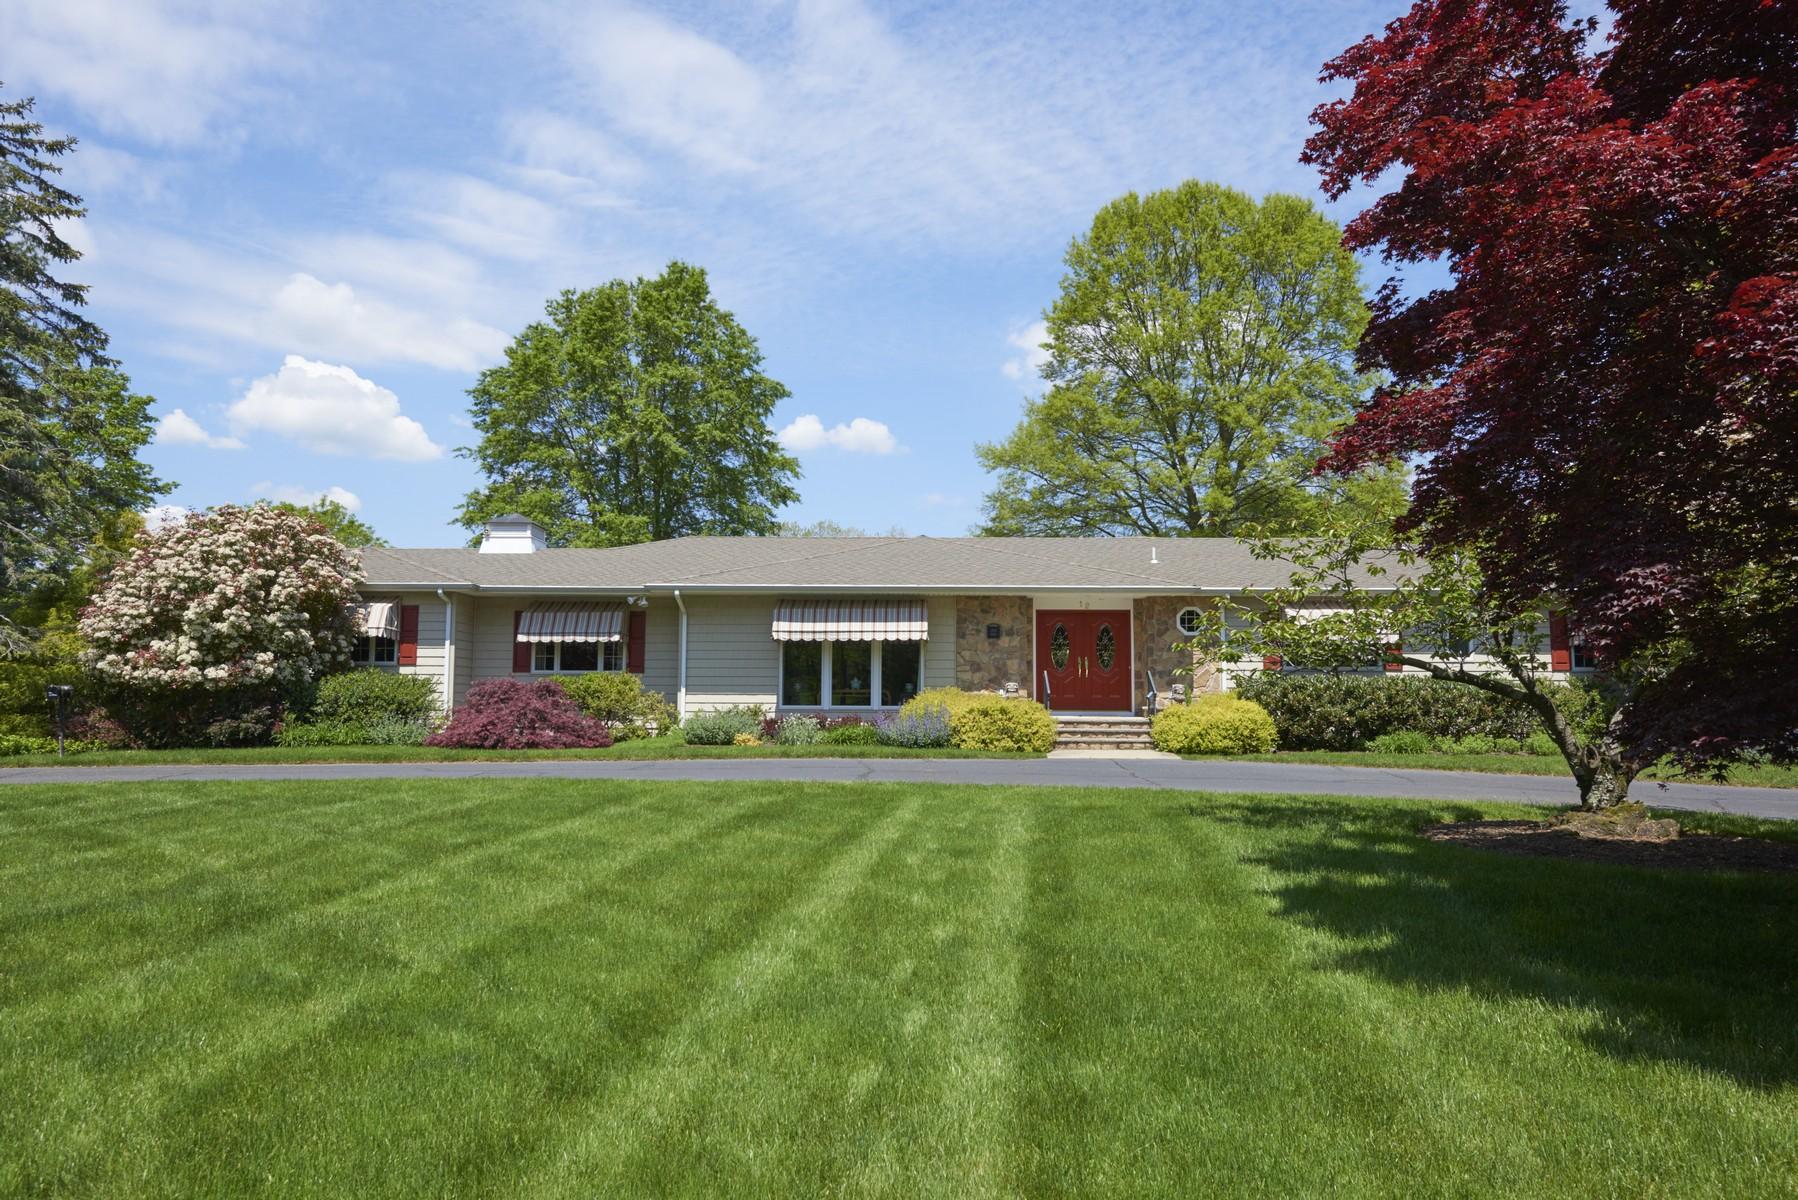 Частный односемейный дом для того Продажа на Home Sweet Home 12 Woodside Drive Rumson, Нью-Джерси, 07760 Соединенные Штаты